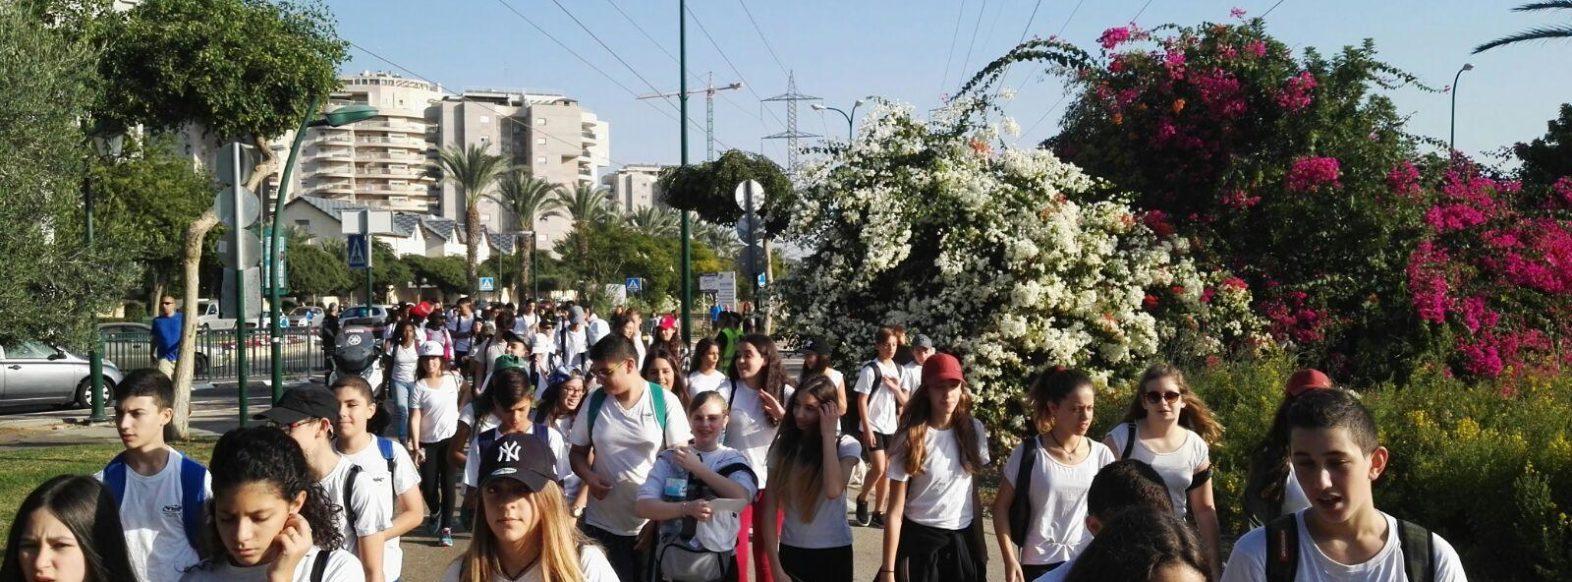 יום ההליכה הבינלאומי צוין בקריית ביאליק בצעדת המונים